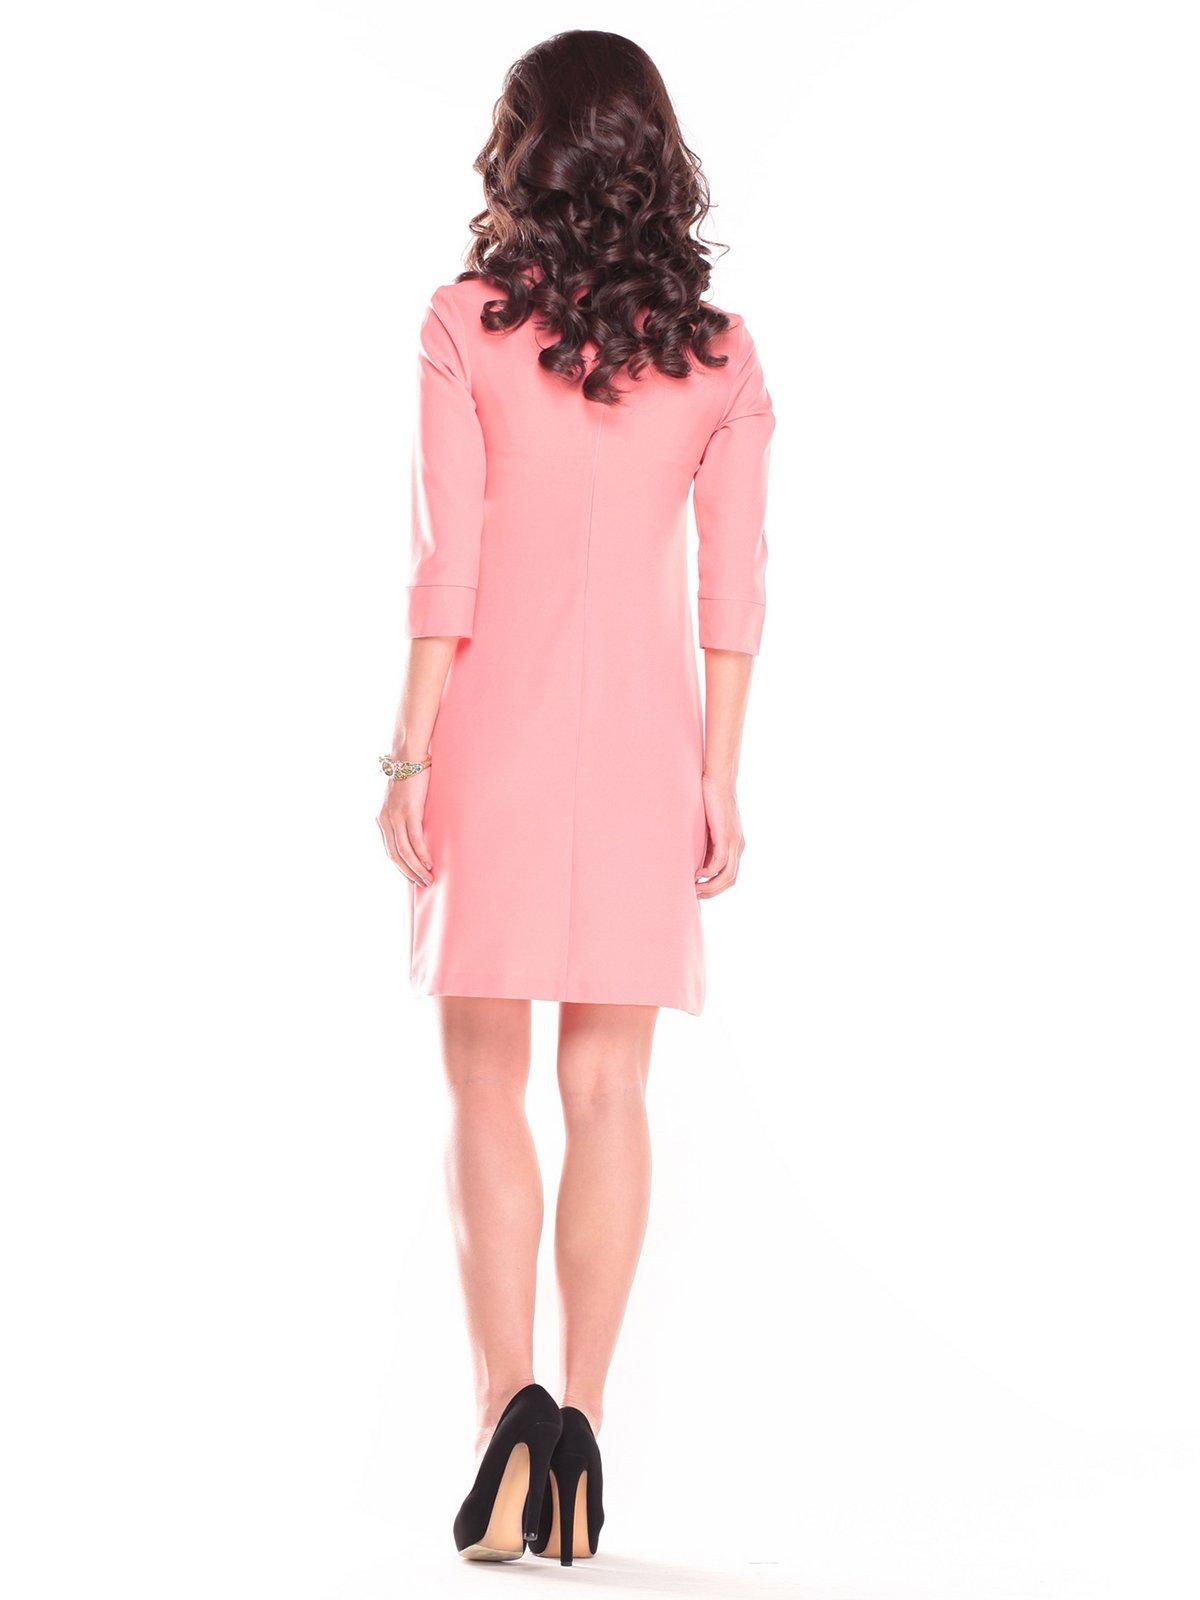 Платье темно-персиковое | 2679868 | фото 5